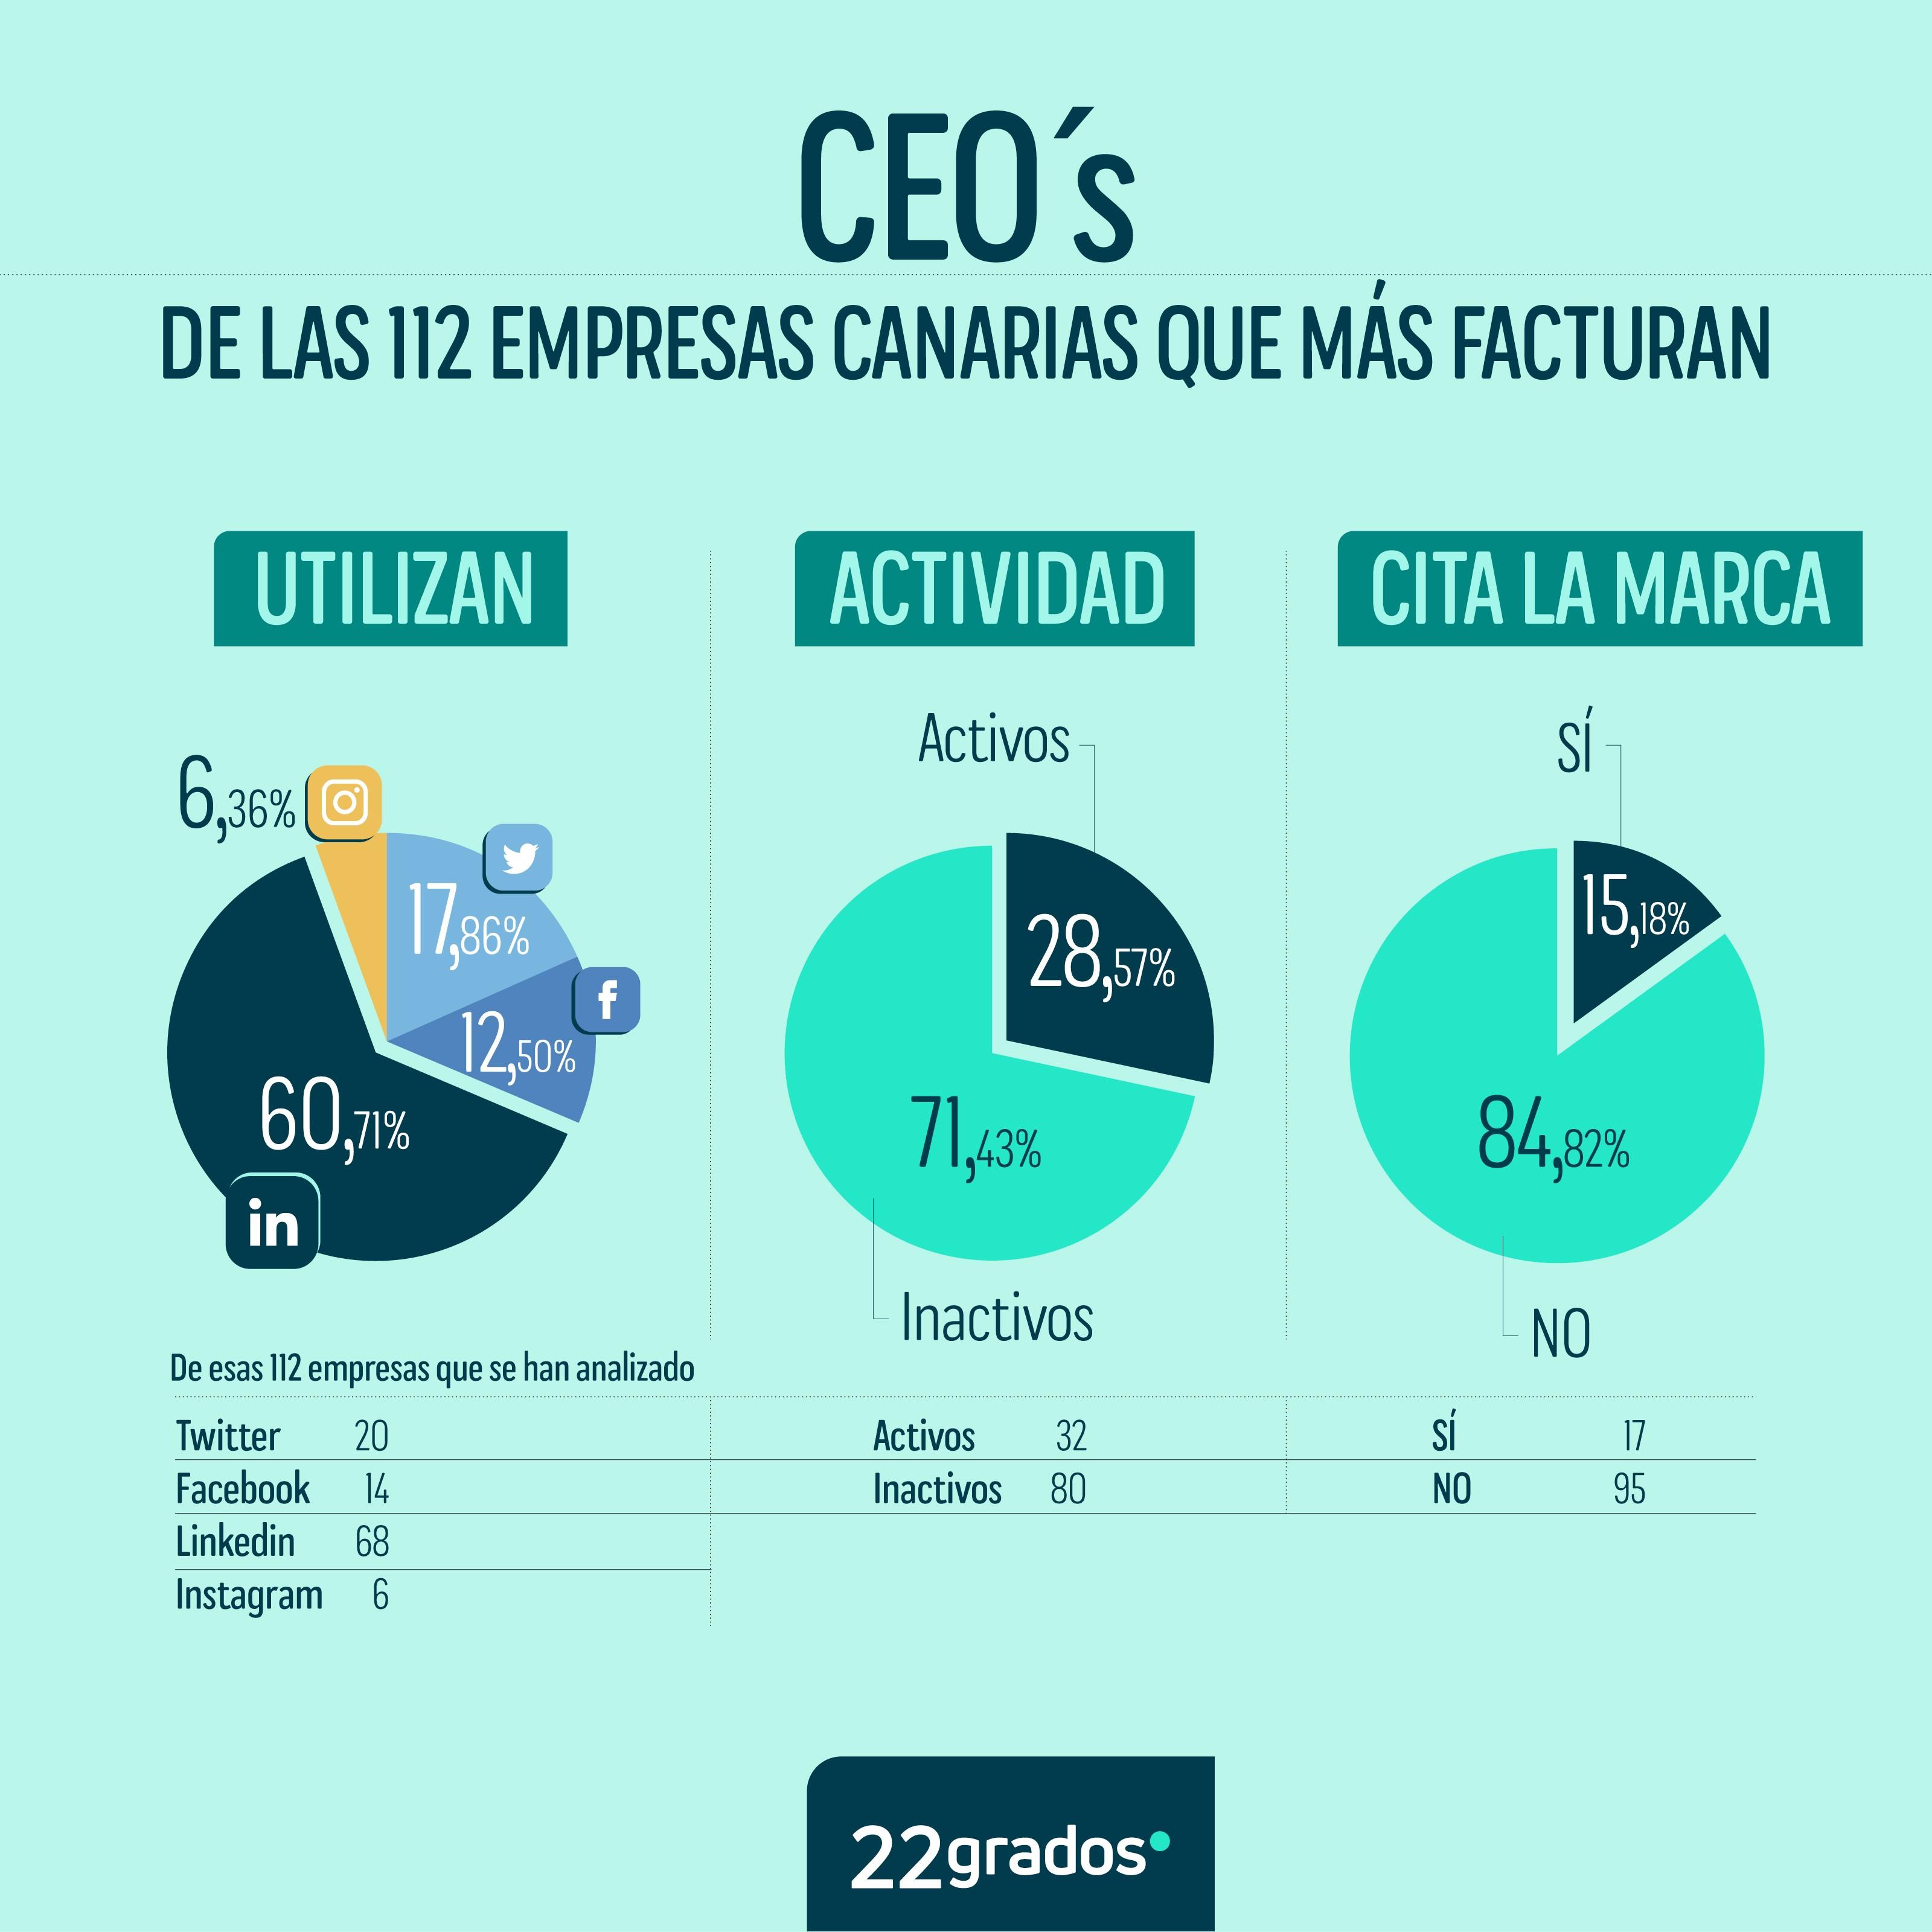 CEOS Stats